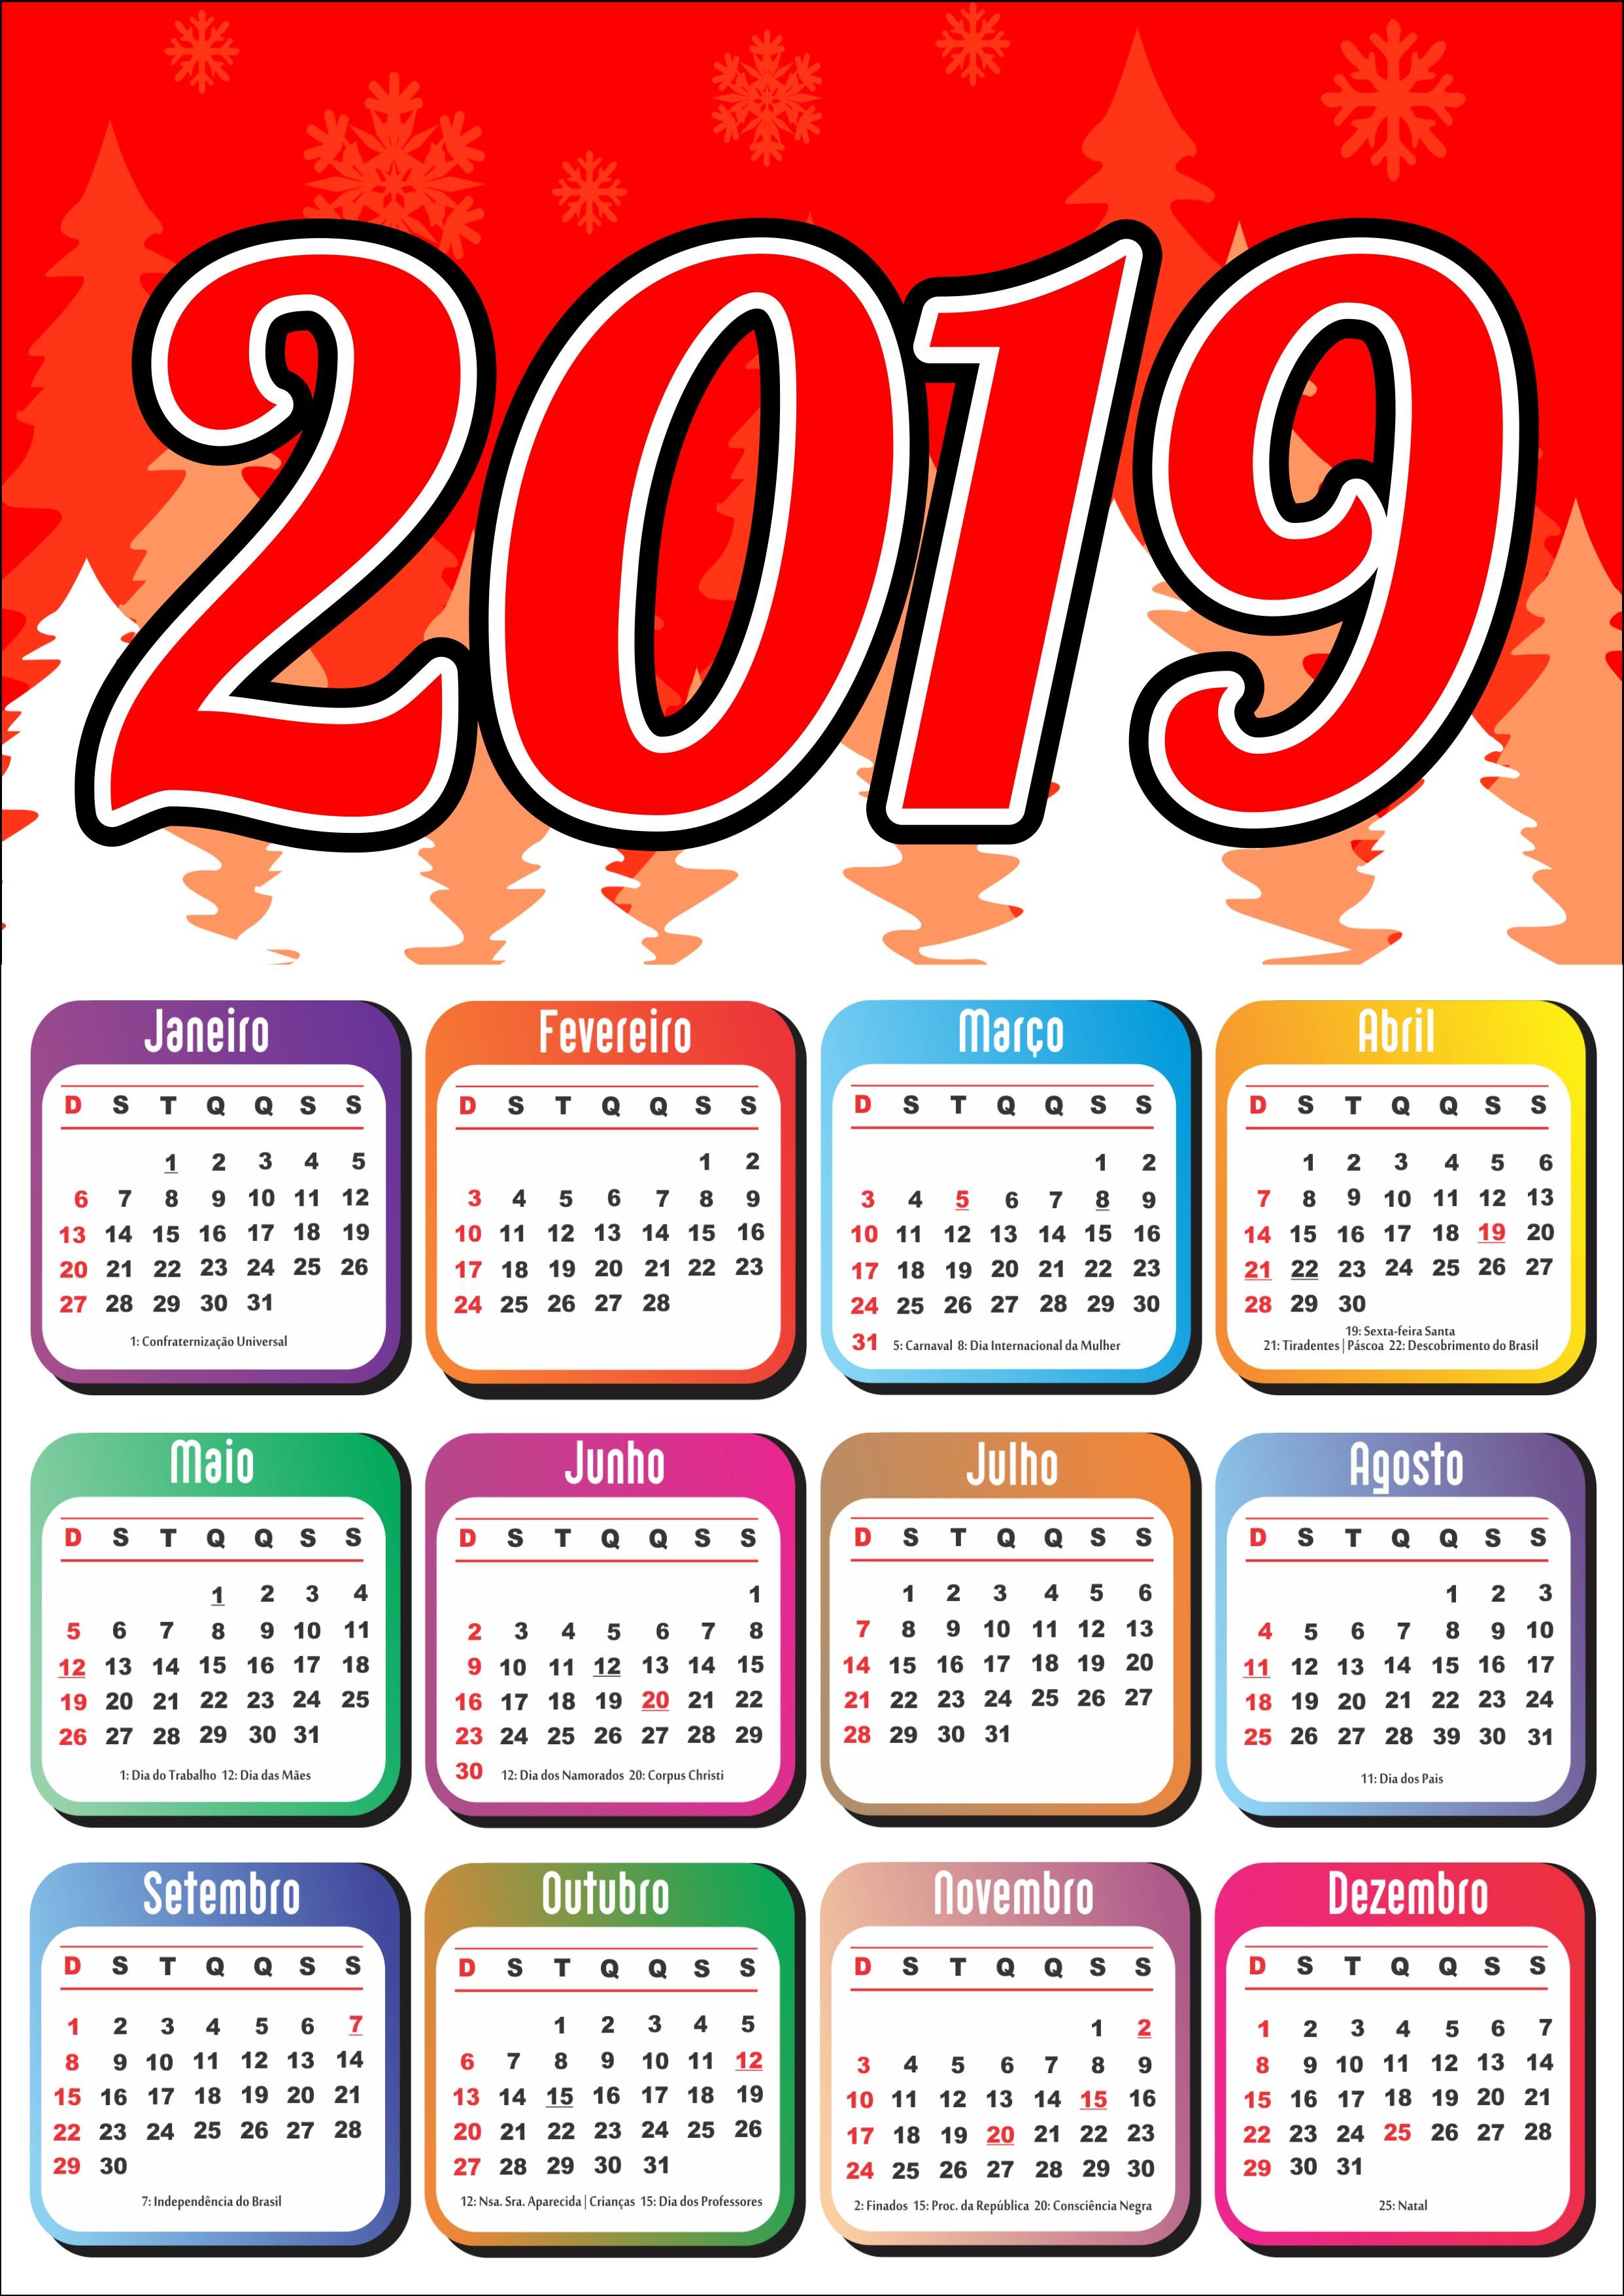 Calendário 2019 Calendários Pinterest